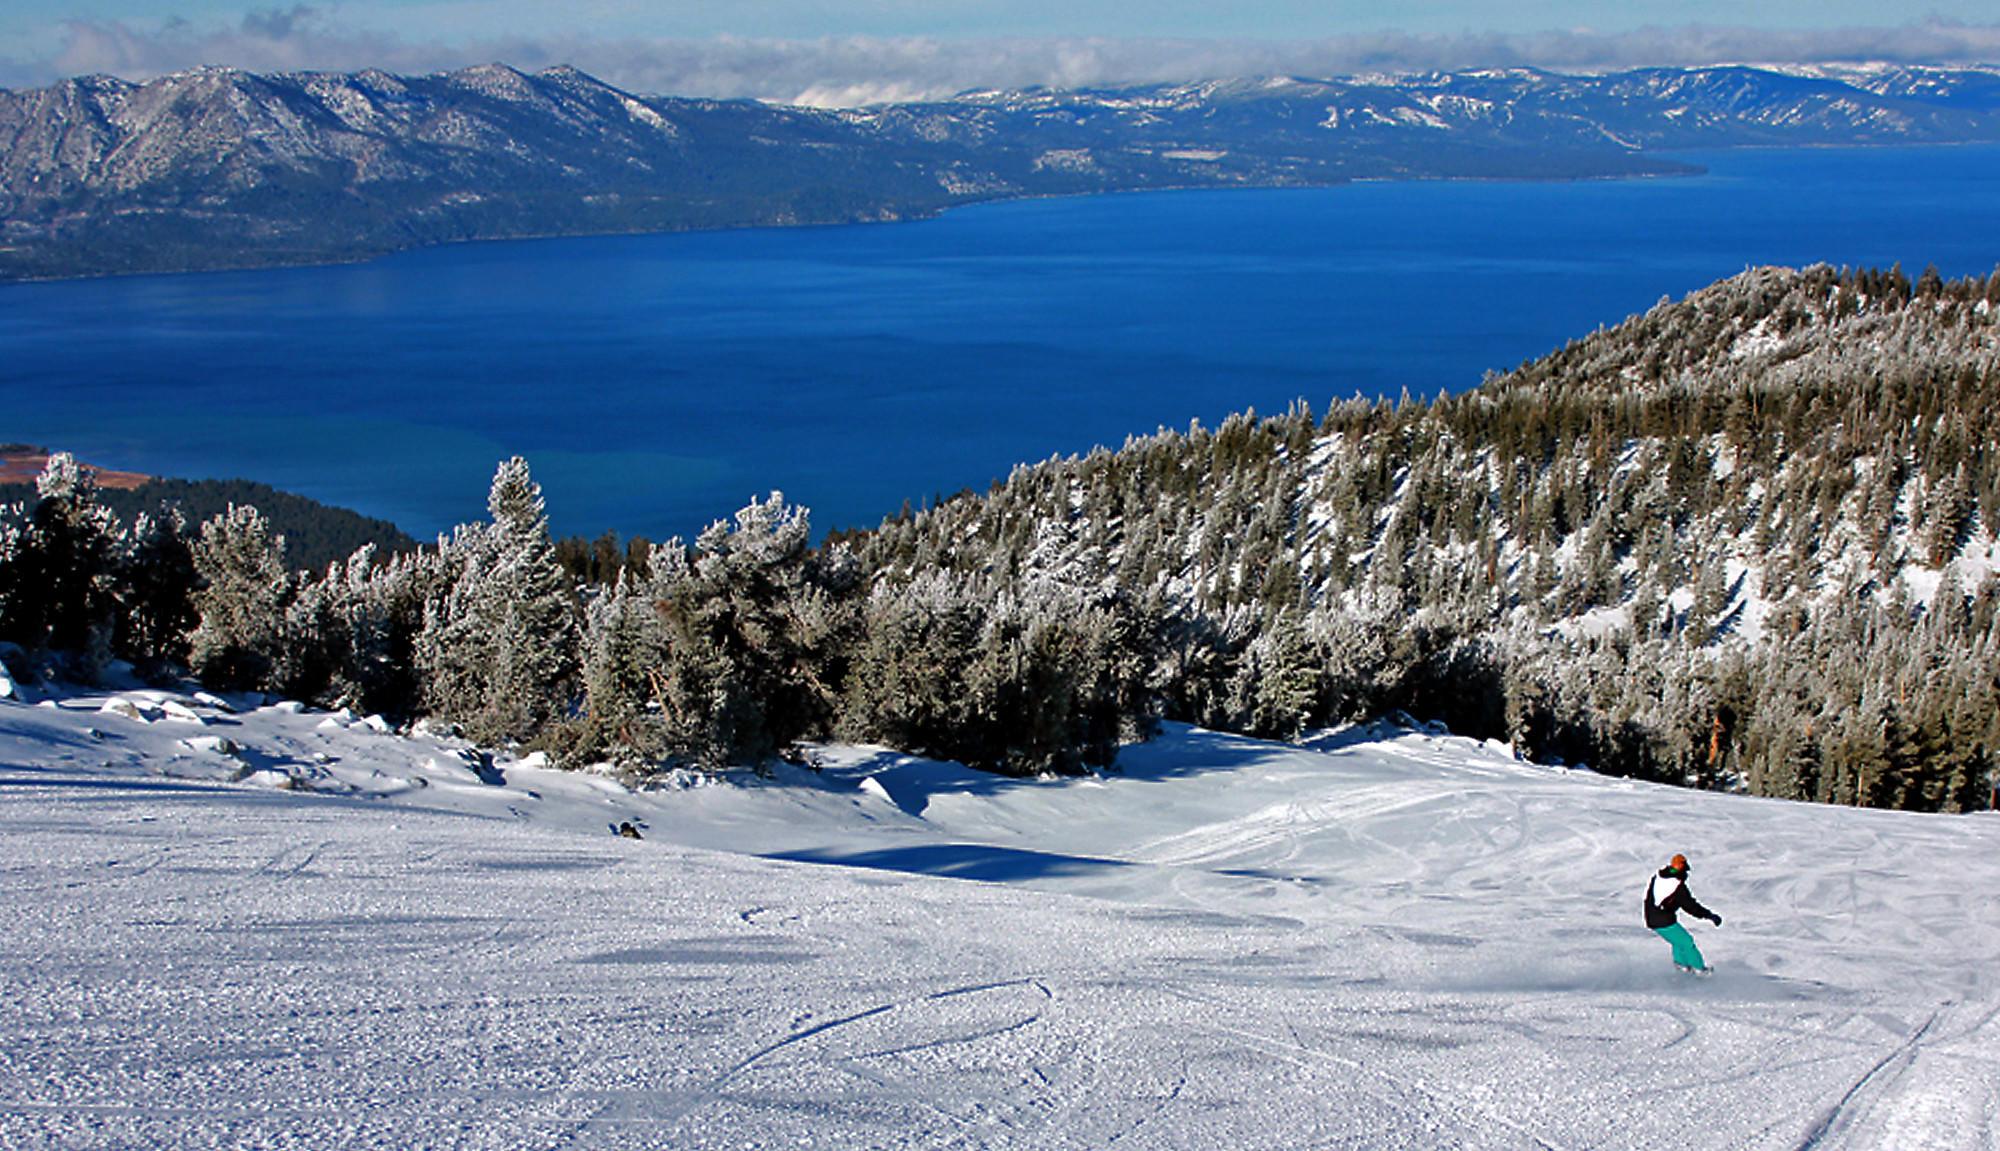 teen snowboarder dies at heavenly resort at lake tahoe - latimes